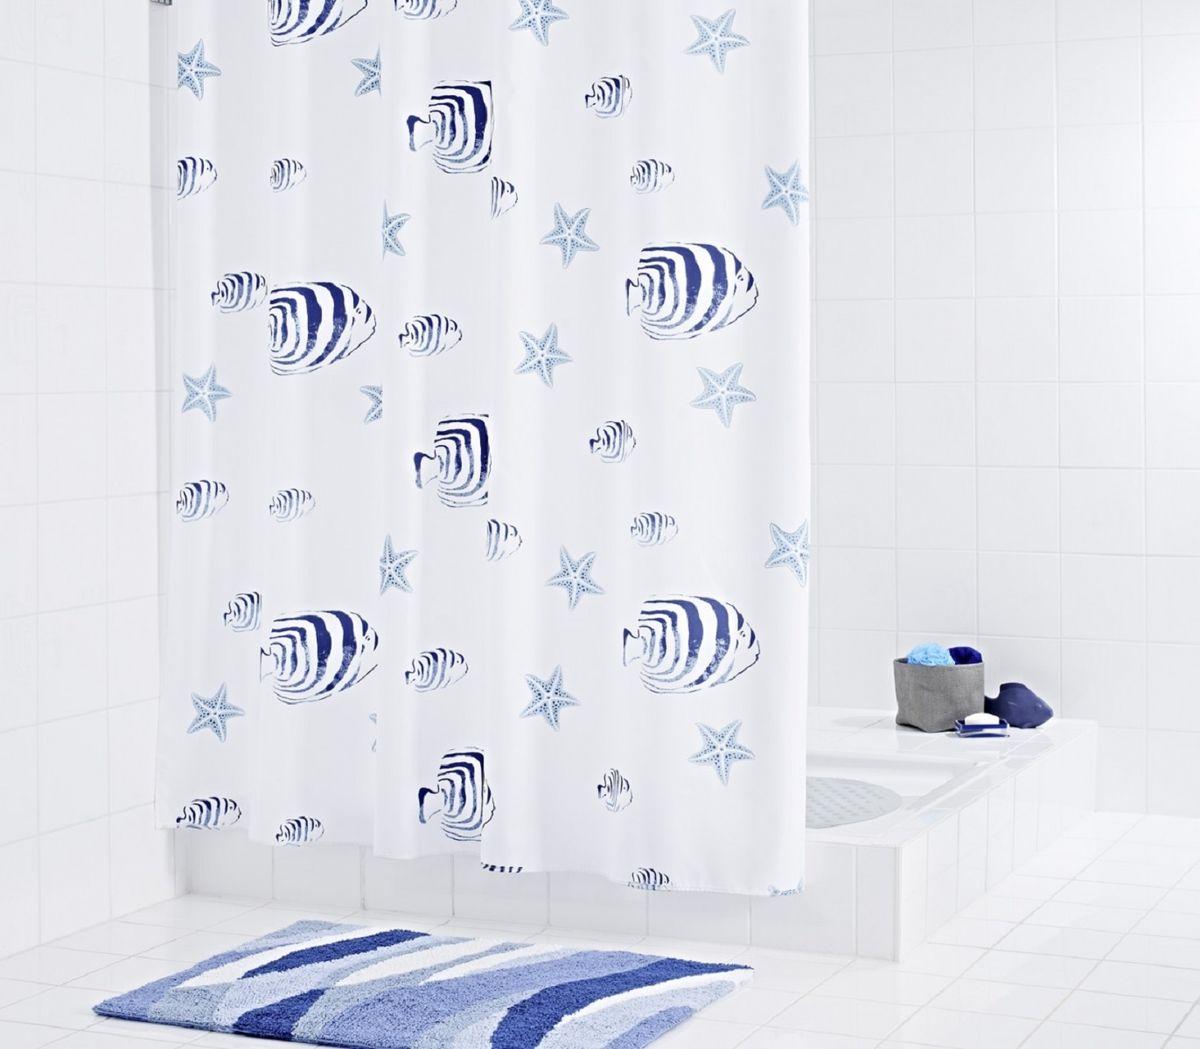 Штора для ванной комнаты Ridder Skalar, 180 х 200 см42355Высококачественная немецкая шторка Ridder Skalar создаст прекрасное настроение в ванной комнате. Данное изделие имеет антигрибковое, водоотталкивающее и антистатическое покрытие и утяжеленный нижний кант. Машинная стирка. Глажка при низкой температуре.